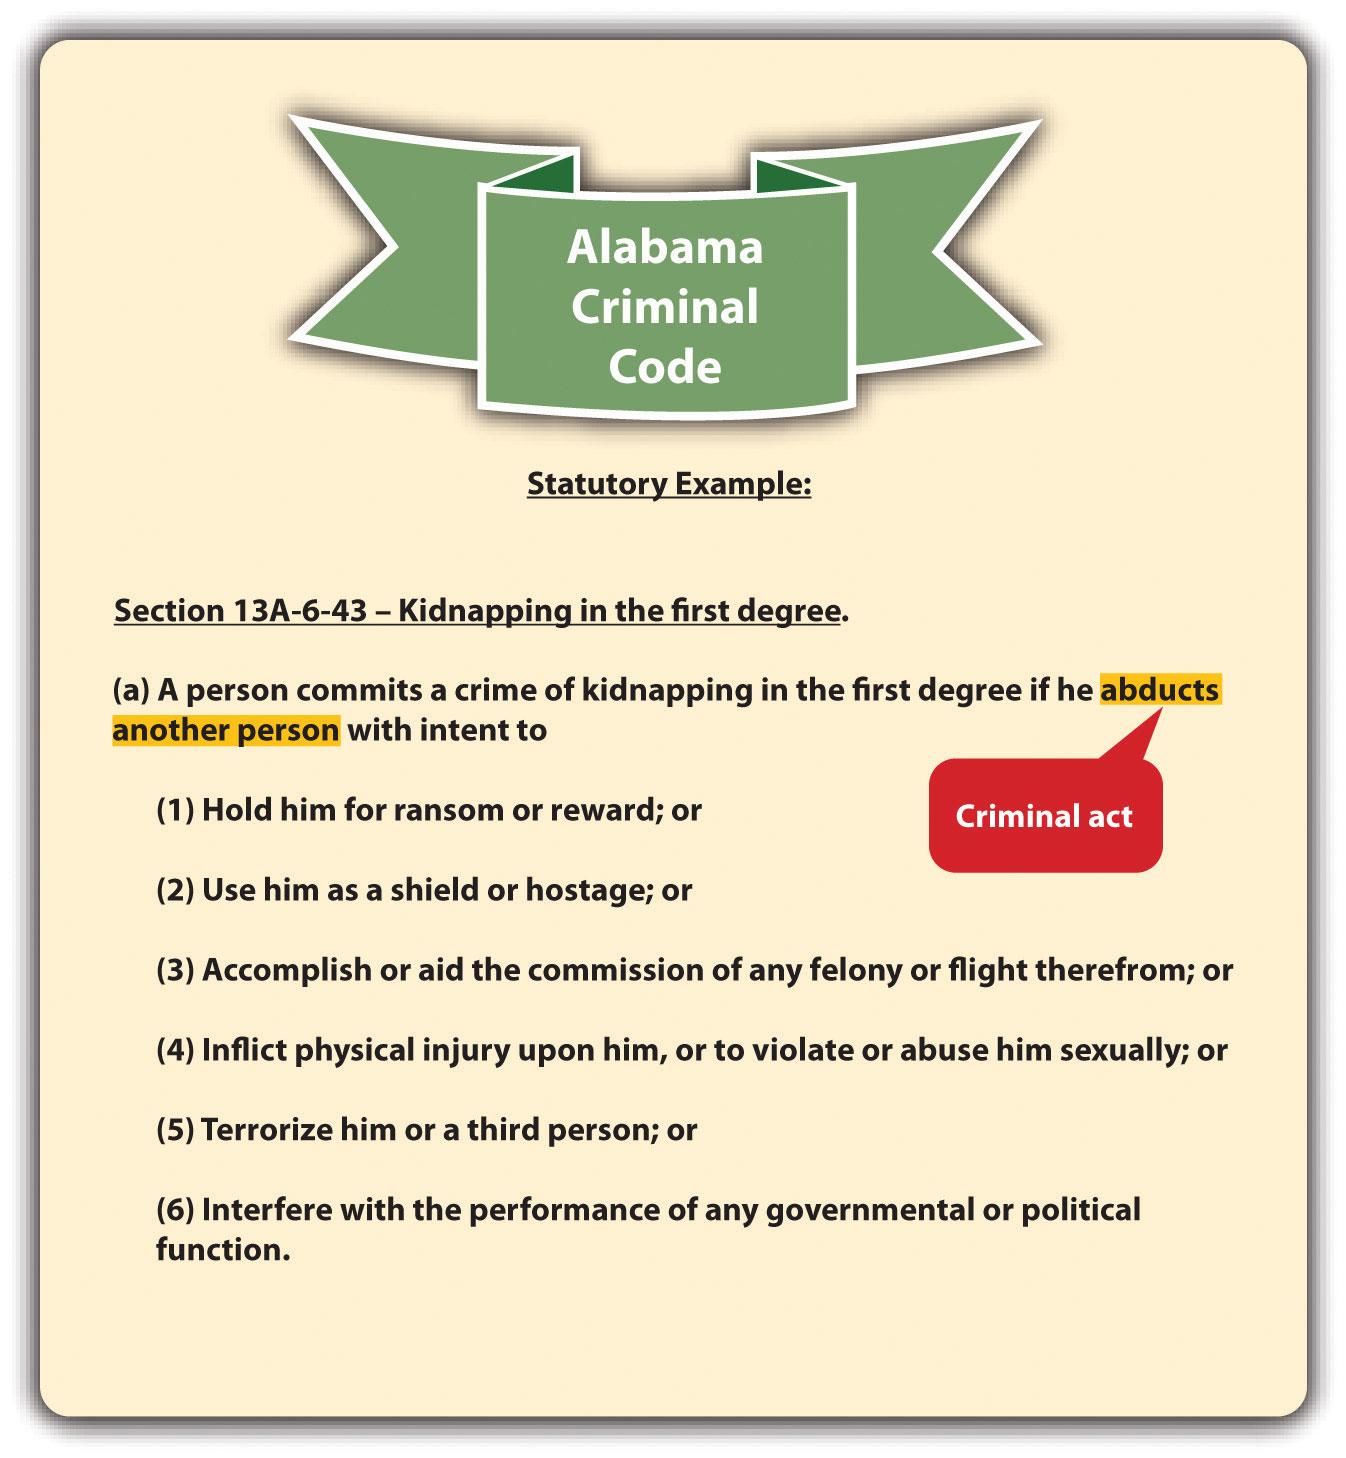 Alabama Criminal Code